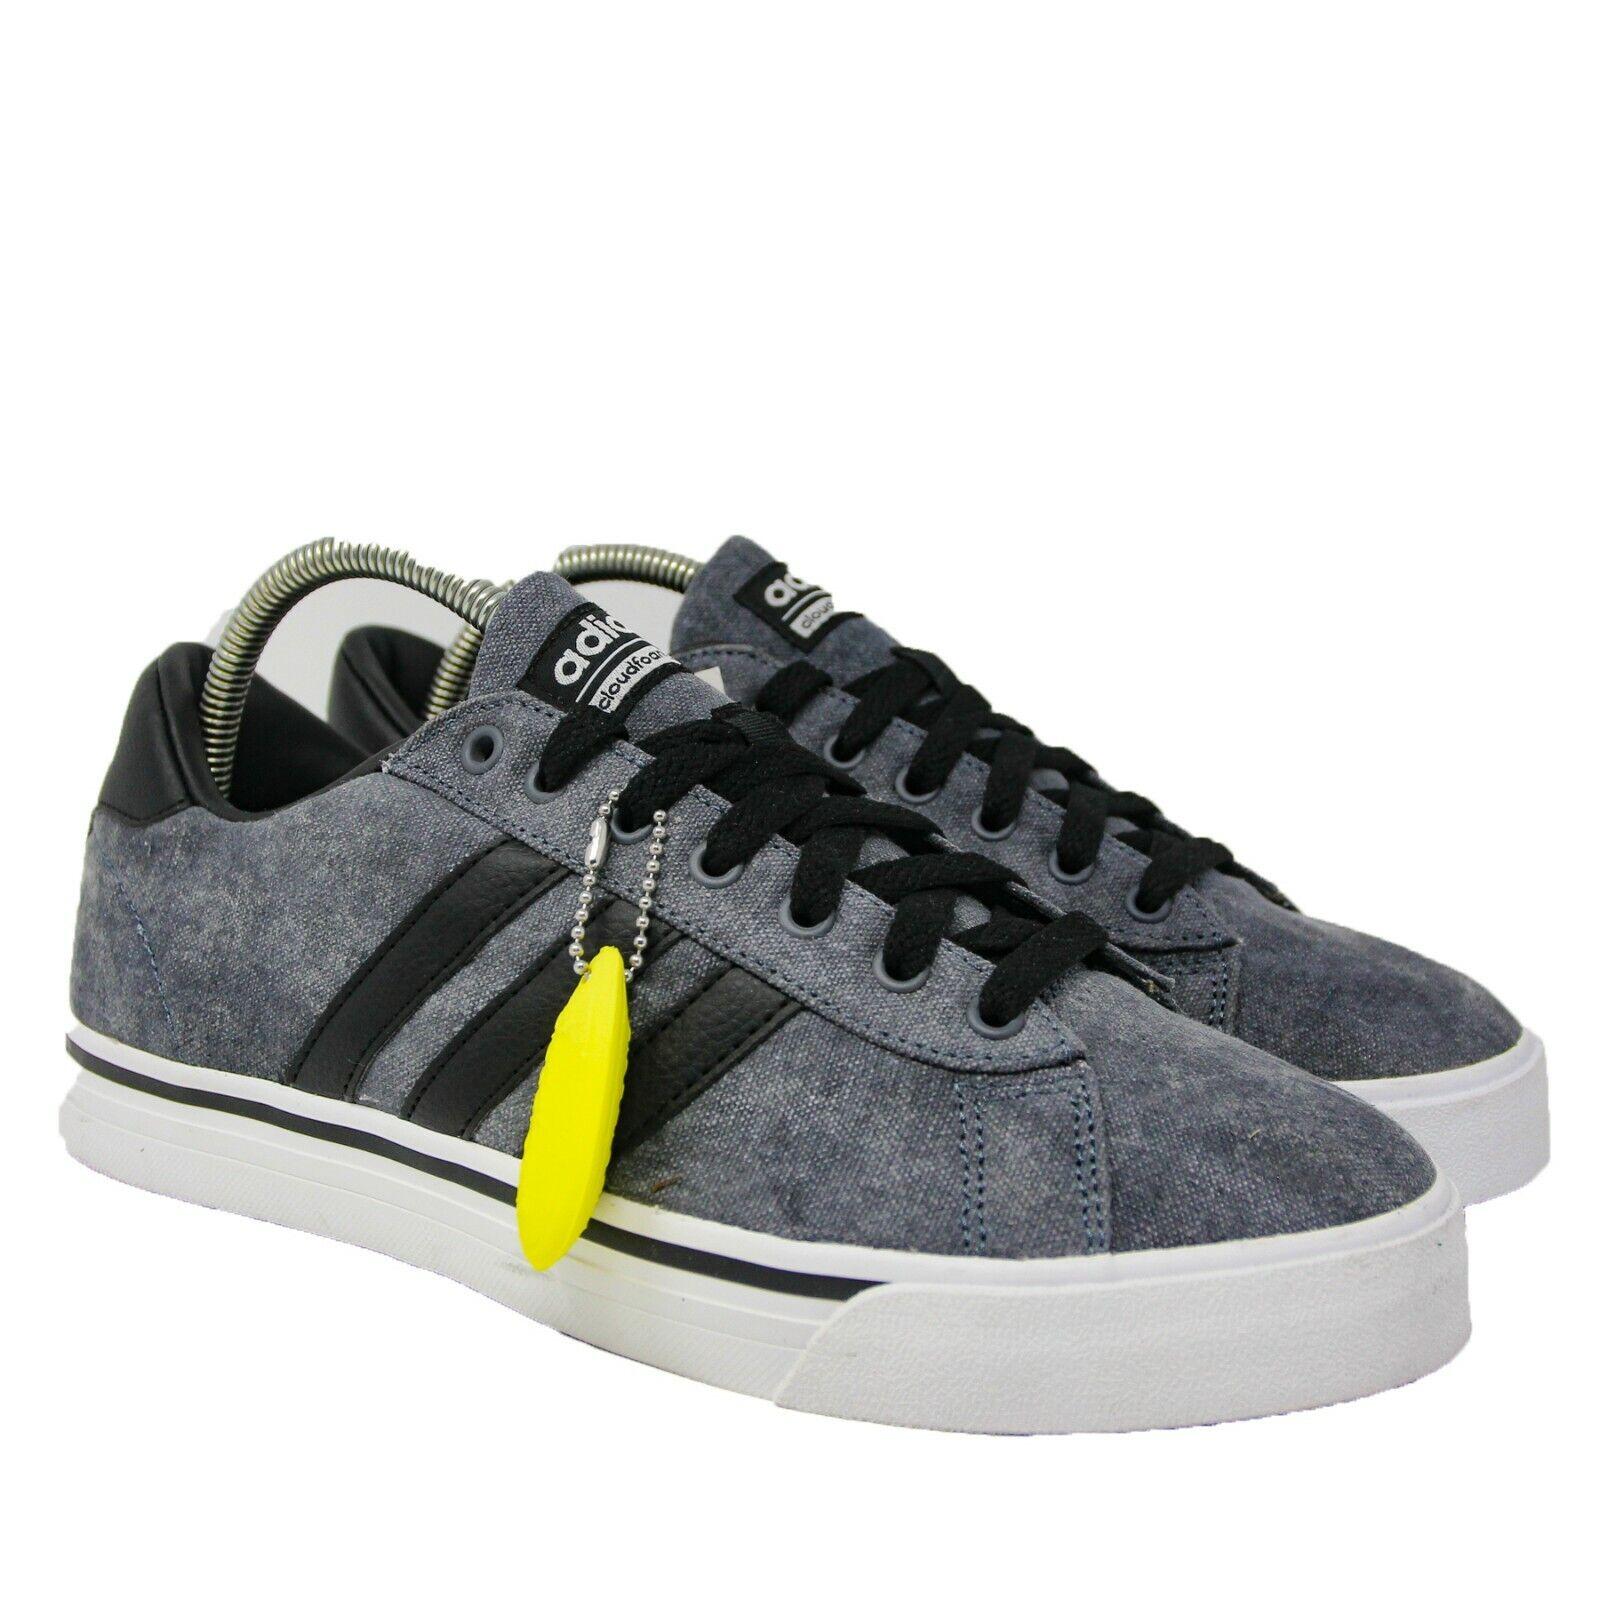 Herren Nike Air Max 97 (Cool GrauSchwarz Weiß) Schuhe Größe